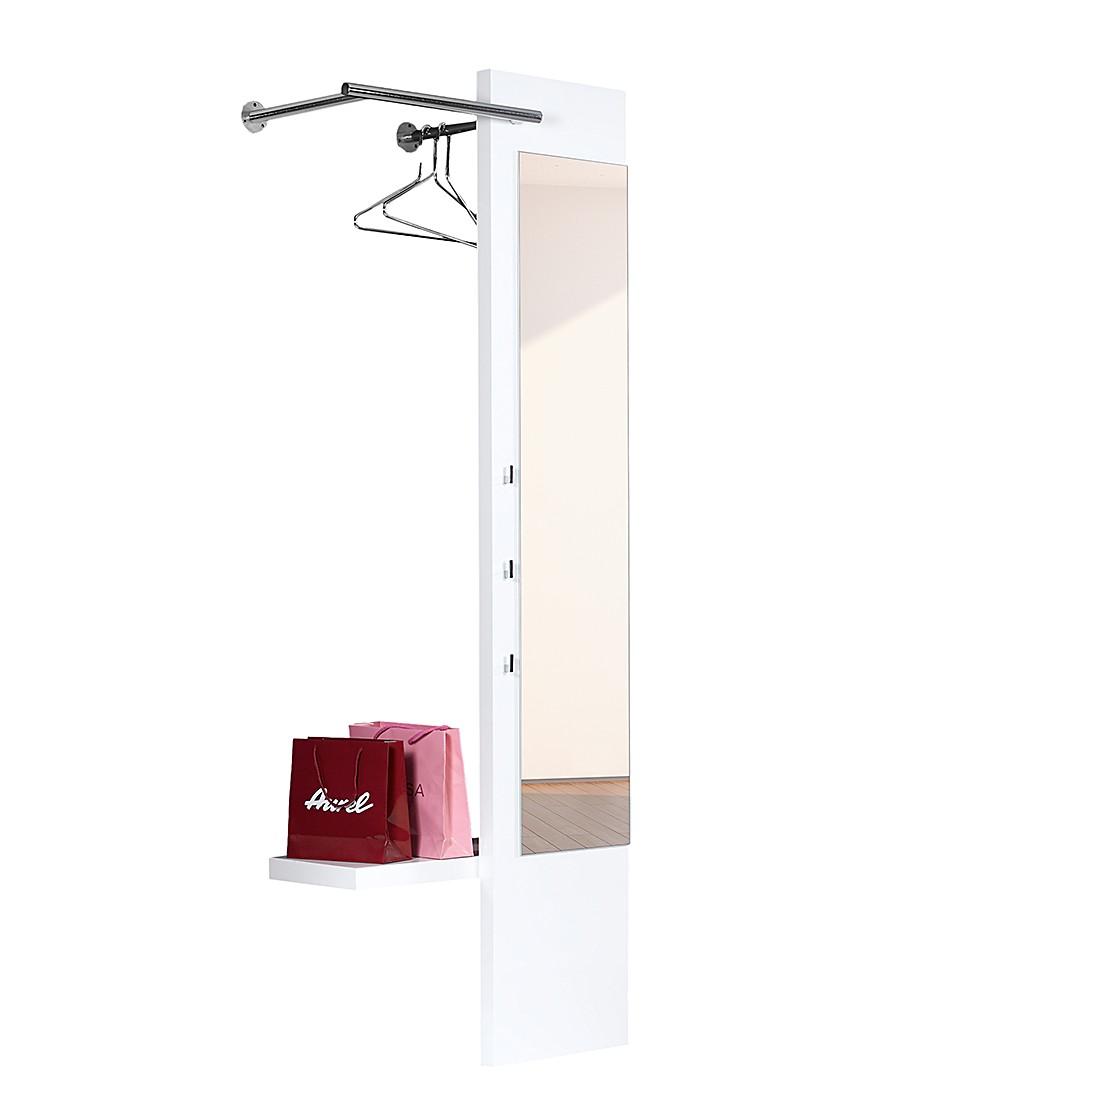 garderobenpaneel wei hochglanz preisvergleich die. Black Bedroom Furniture Sets. Home Design Ideas